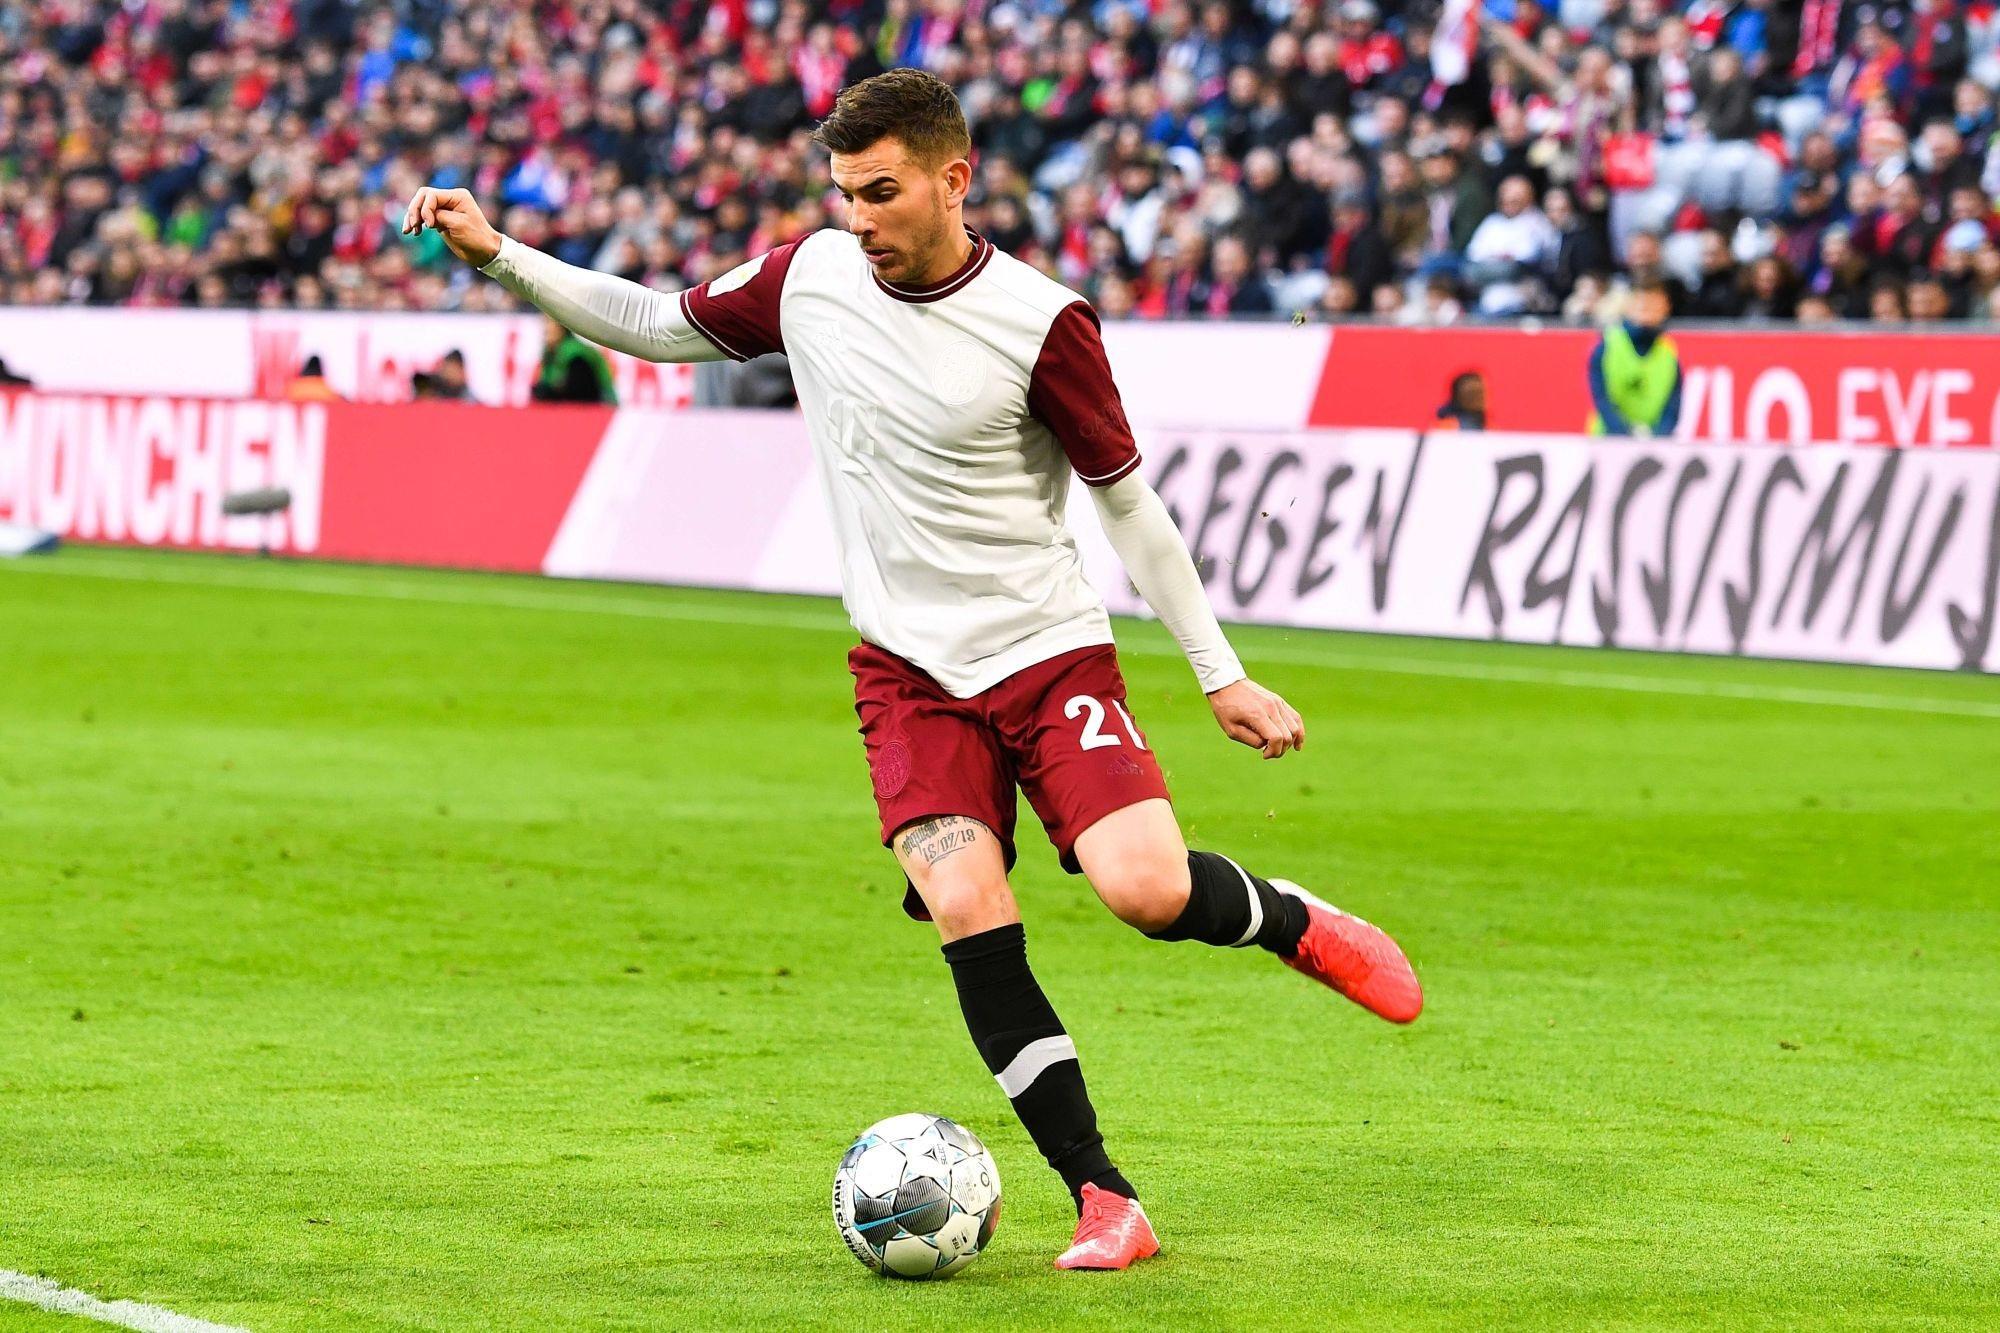 Mercato - Lucas Hernandez veut quitter le Bayern Munich pour rejoindre le PSG, selon la Cadena Ser